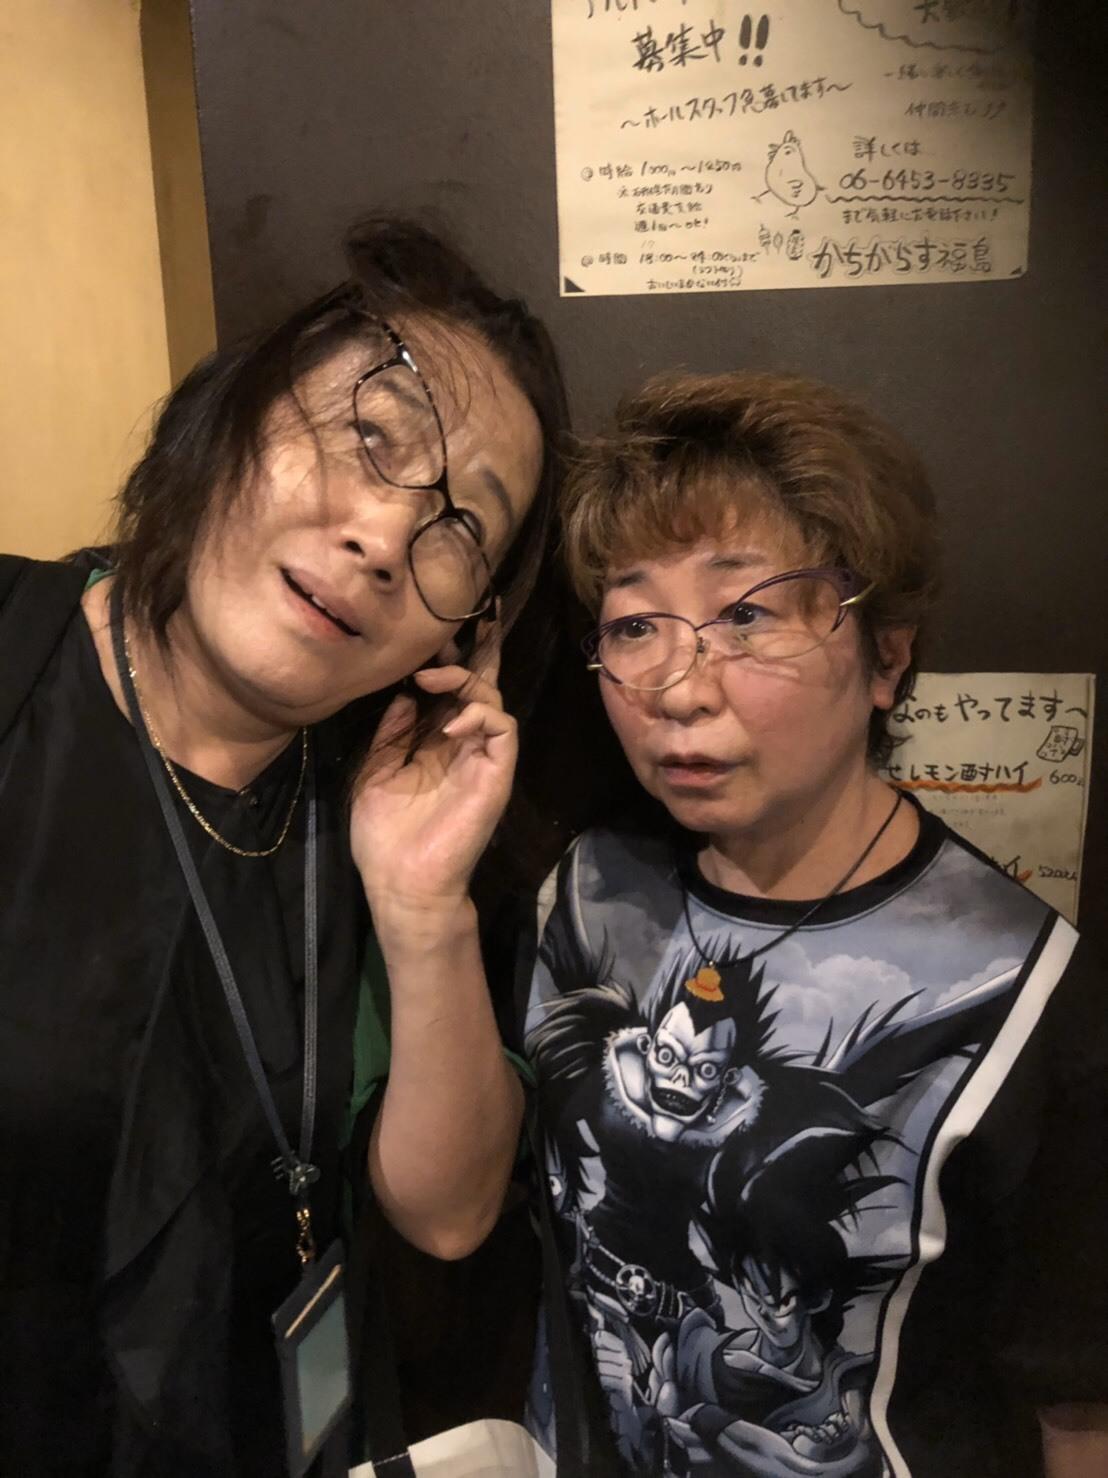 演出家 金谷かほりちゃんからクッション_a0163623_13003258.jpg